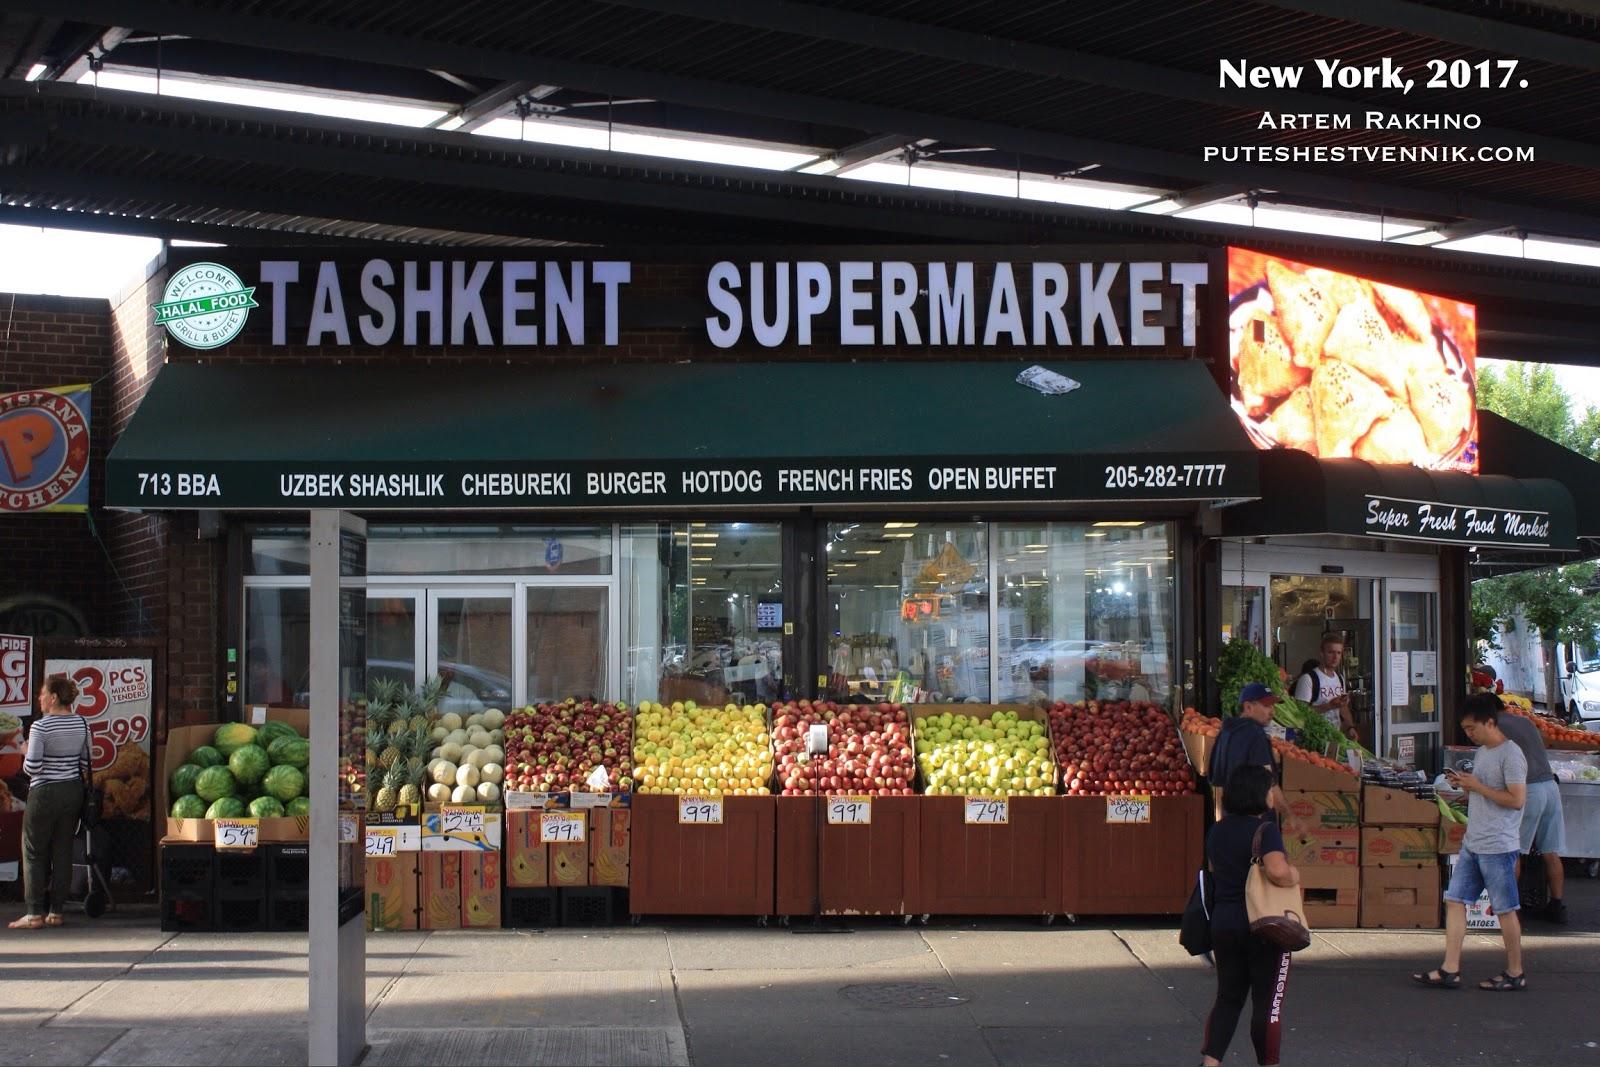 Ташкент-супермаркет в Нью-Йорке